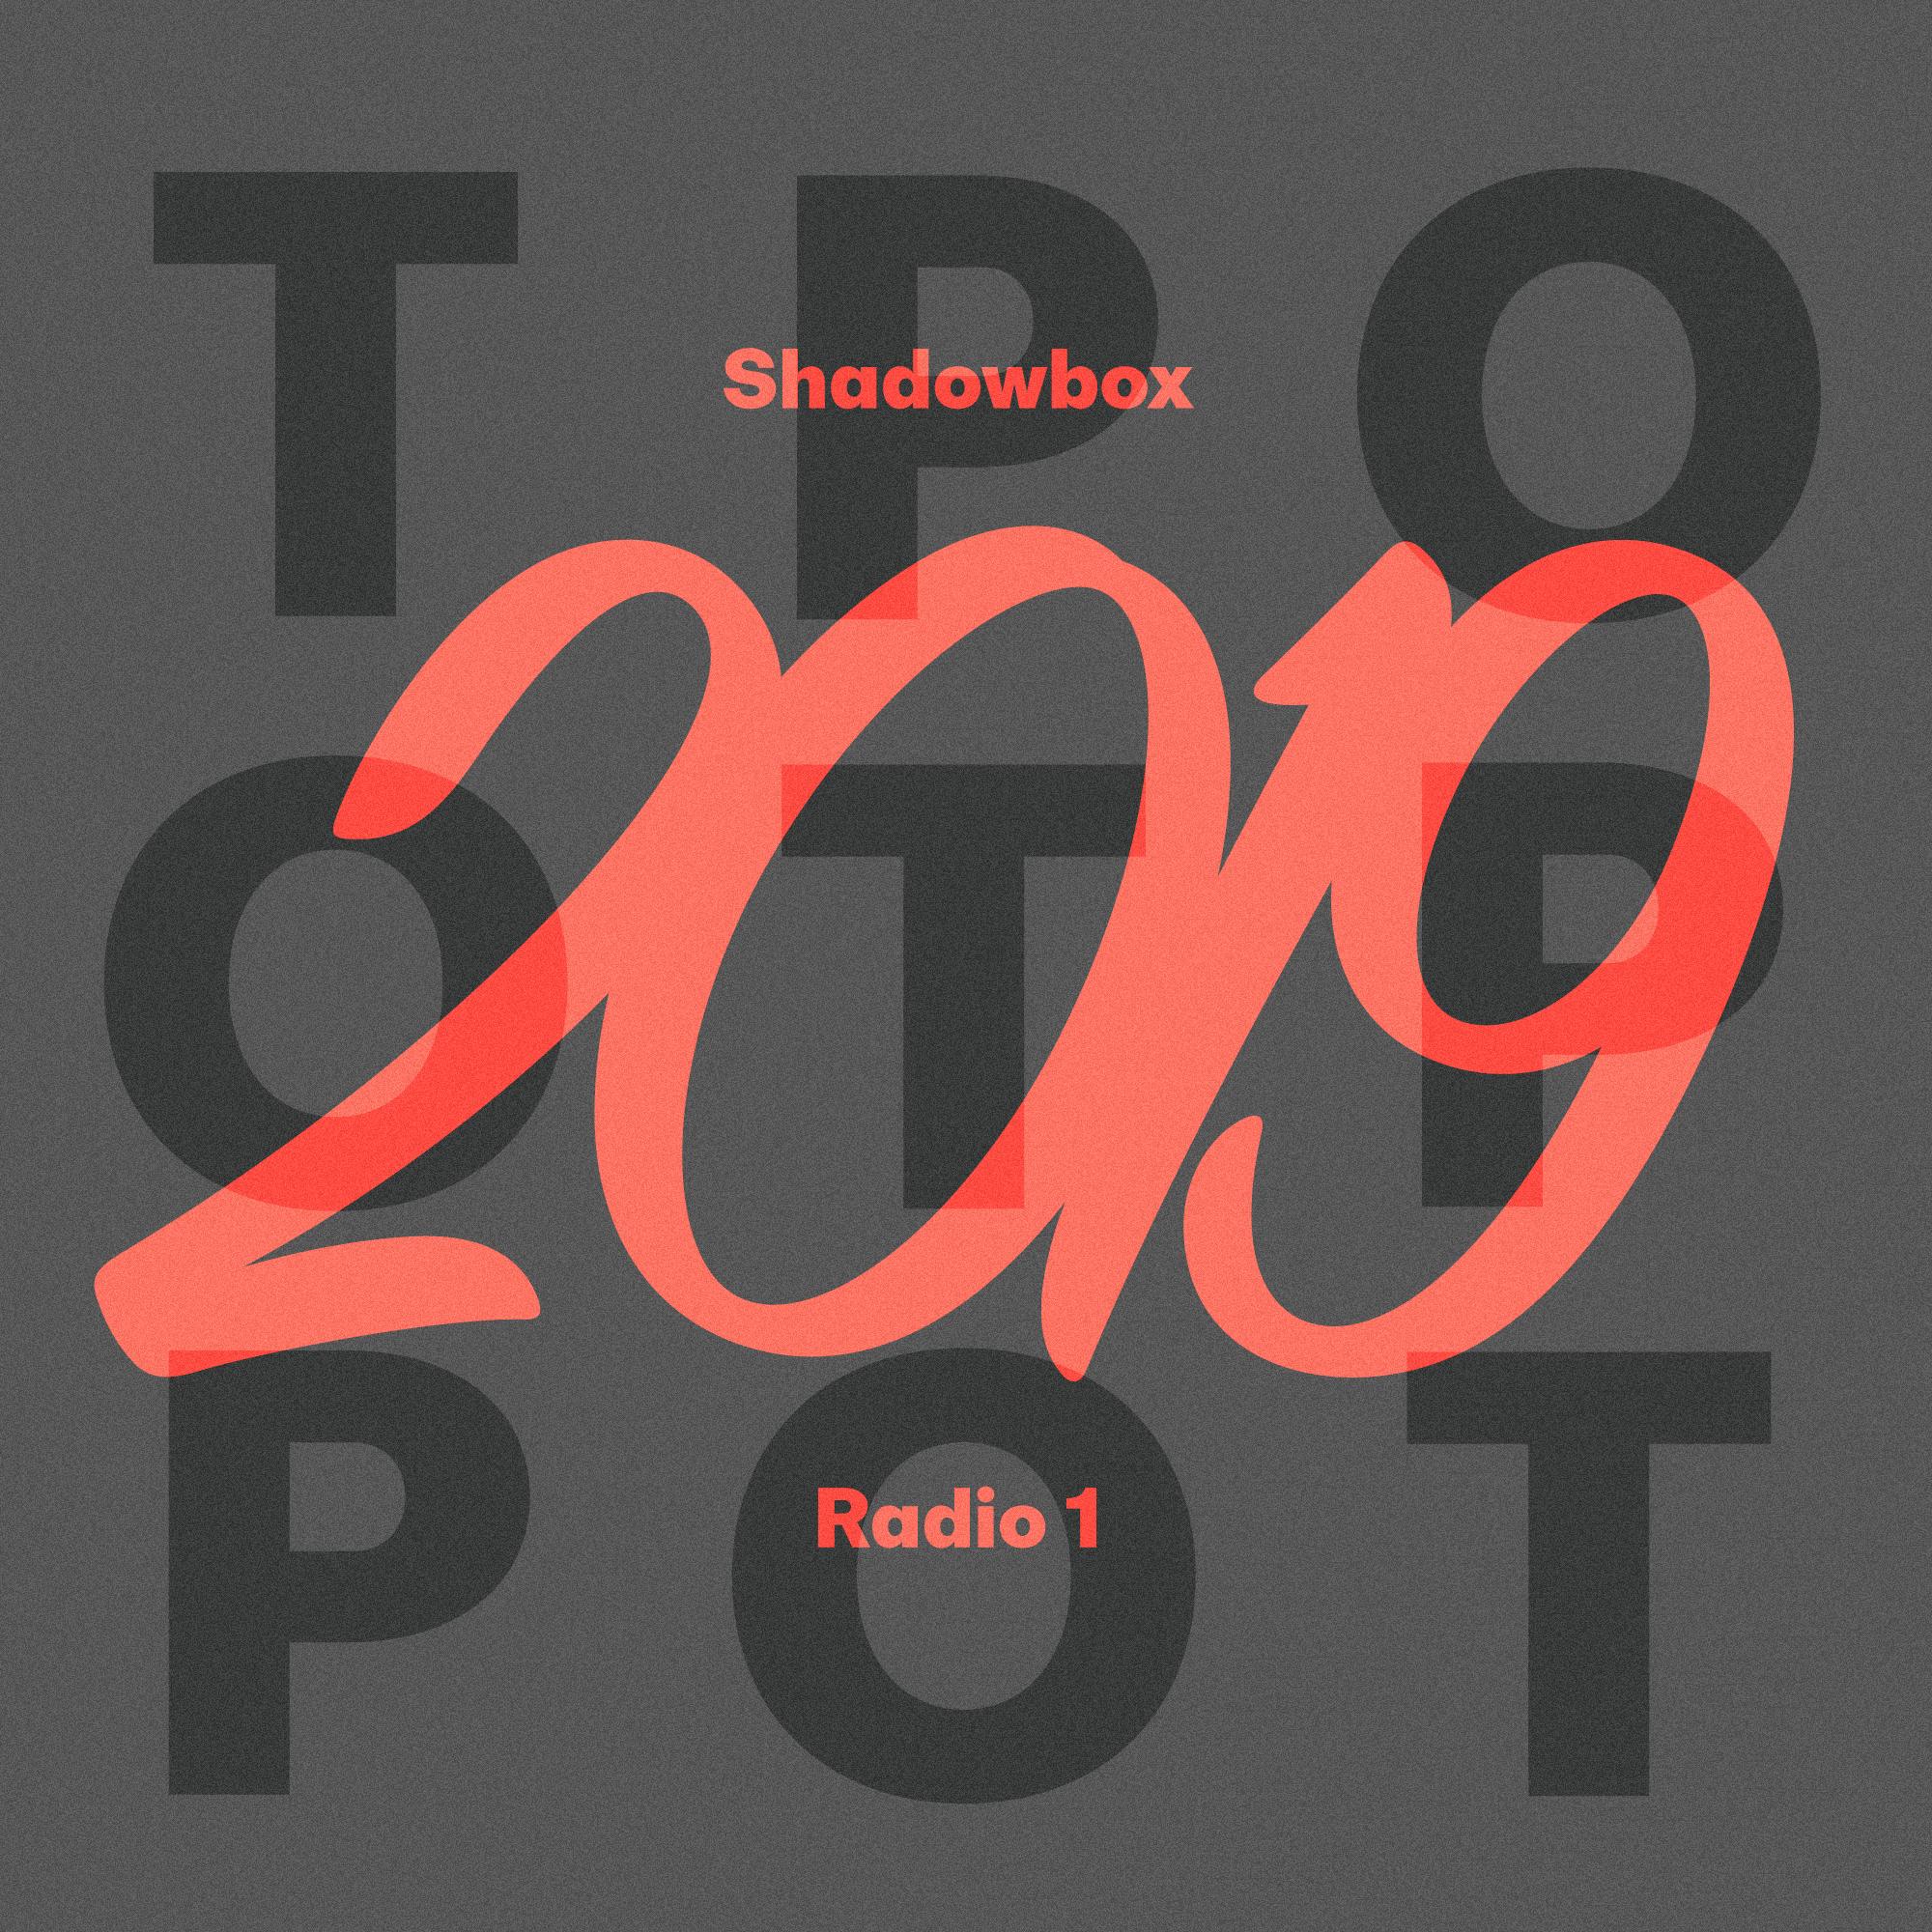 Shadowbox @ Radio 1 26/01/2020: TOP2019